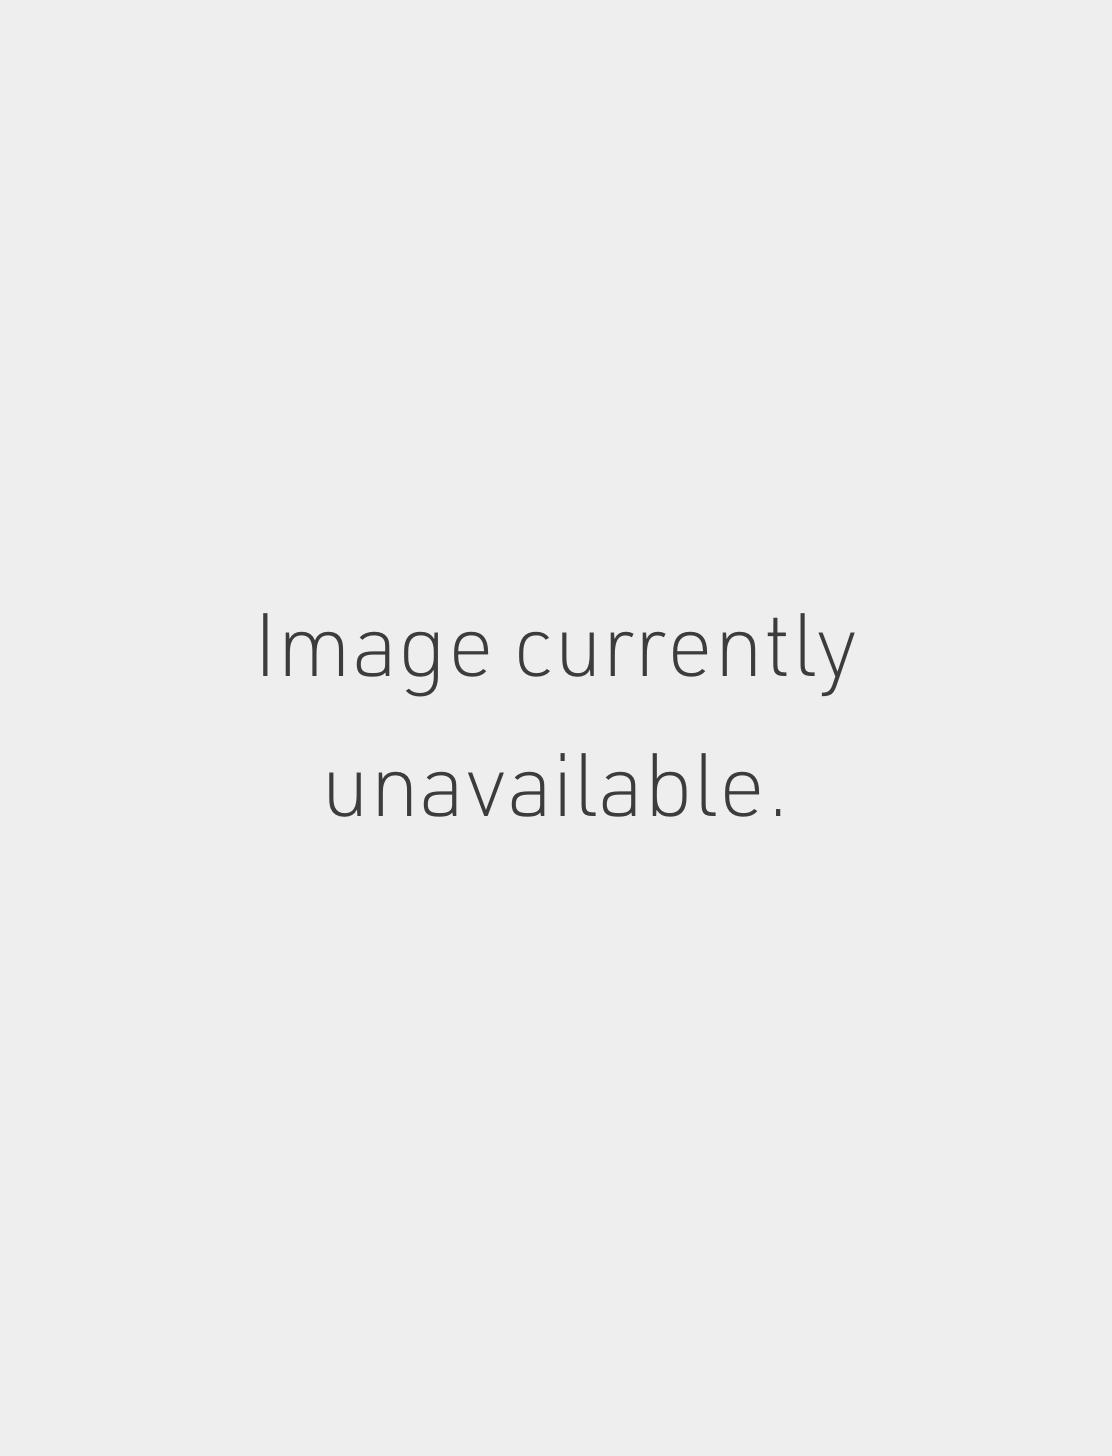 Ouroboros Opal w/ Dia Pave WHITE GOLD 19 GA TASH BACK Image #1